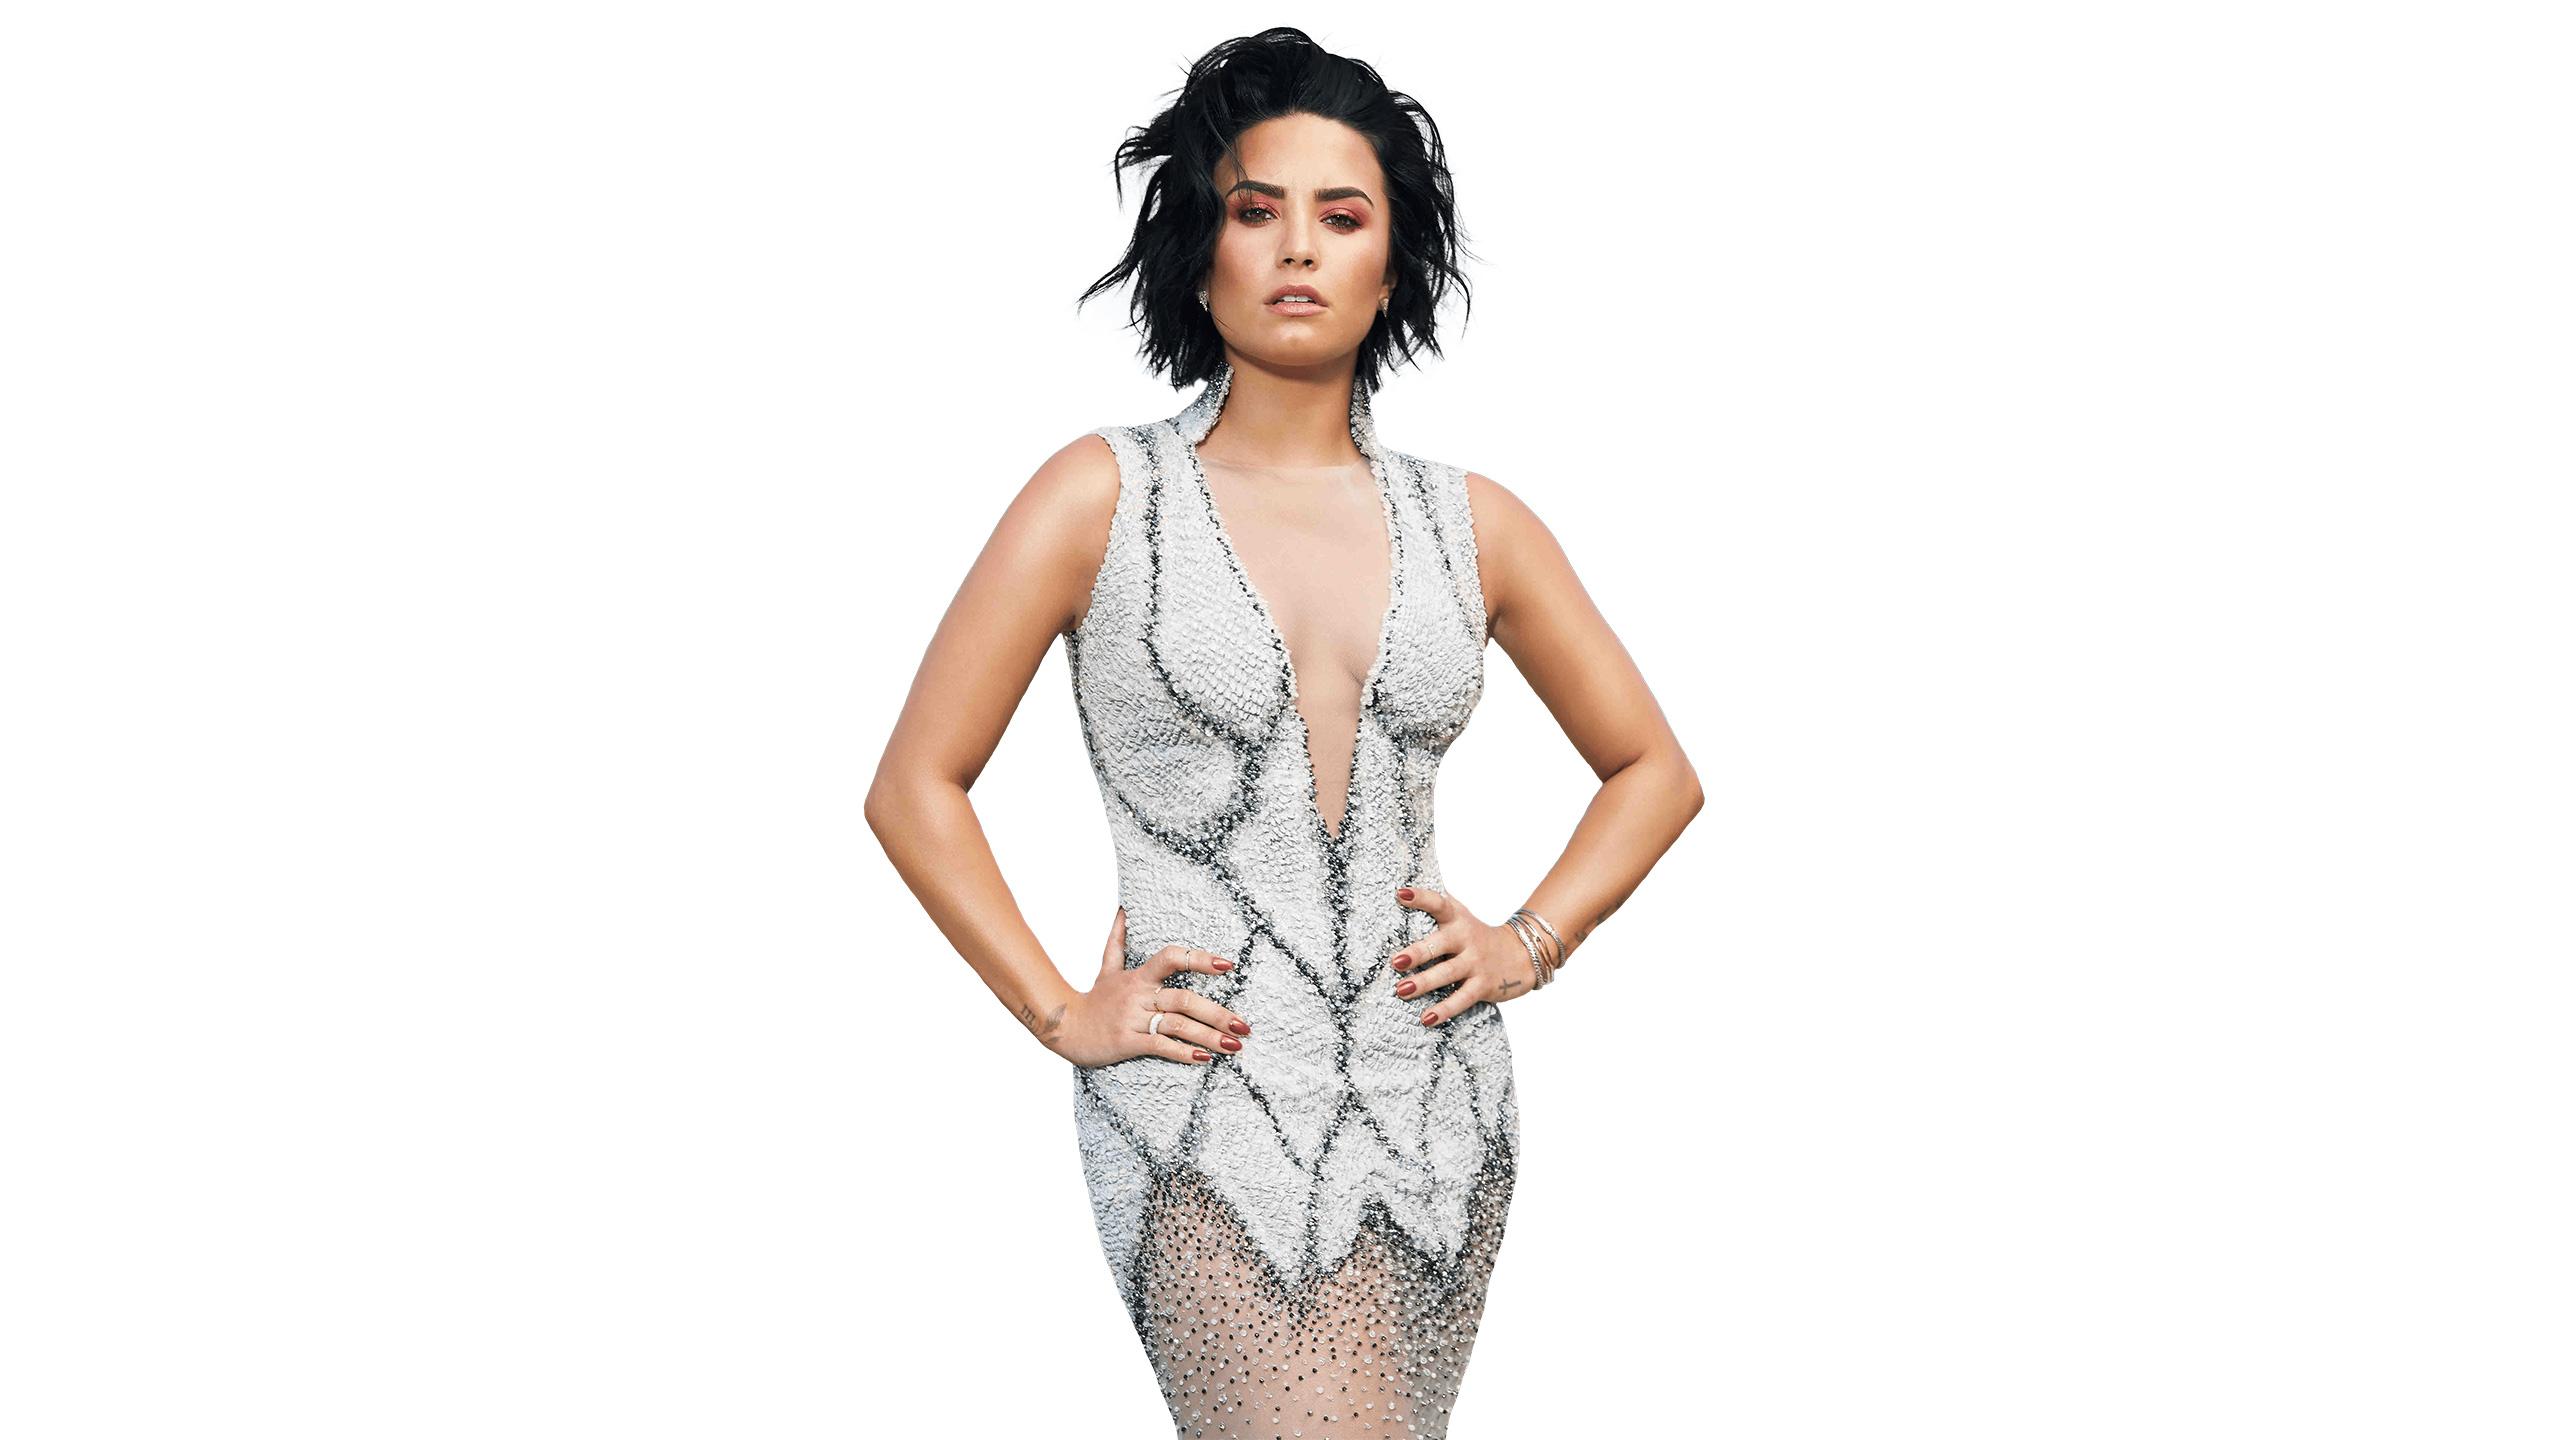 Demi Lovato Hd